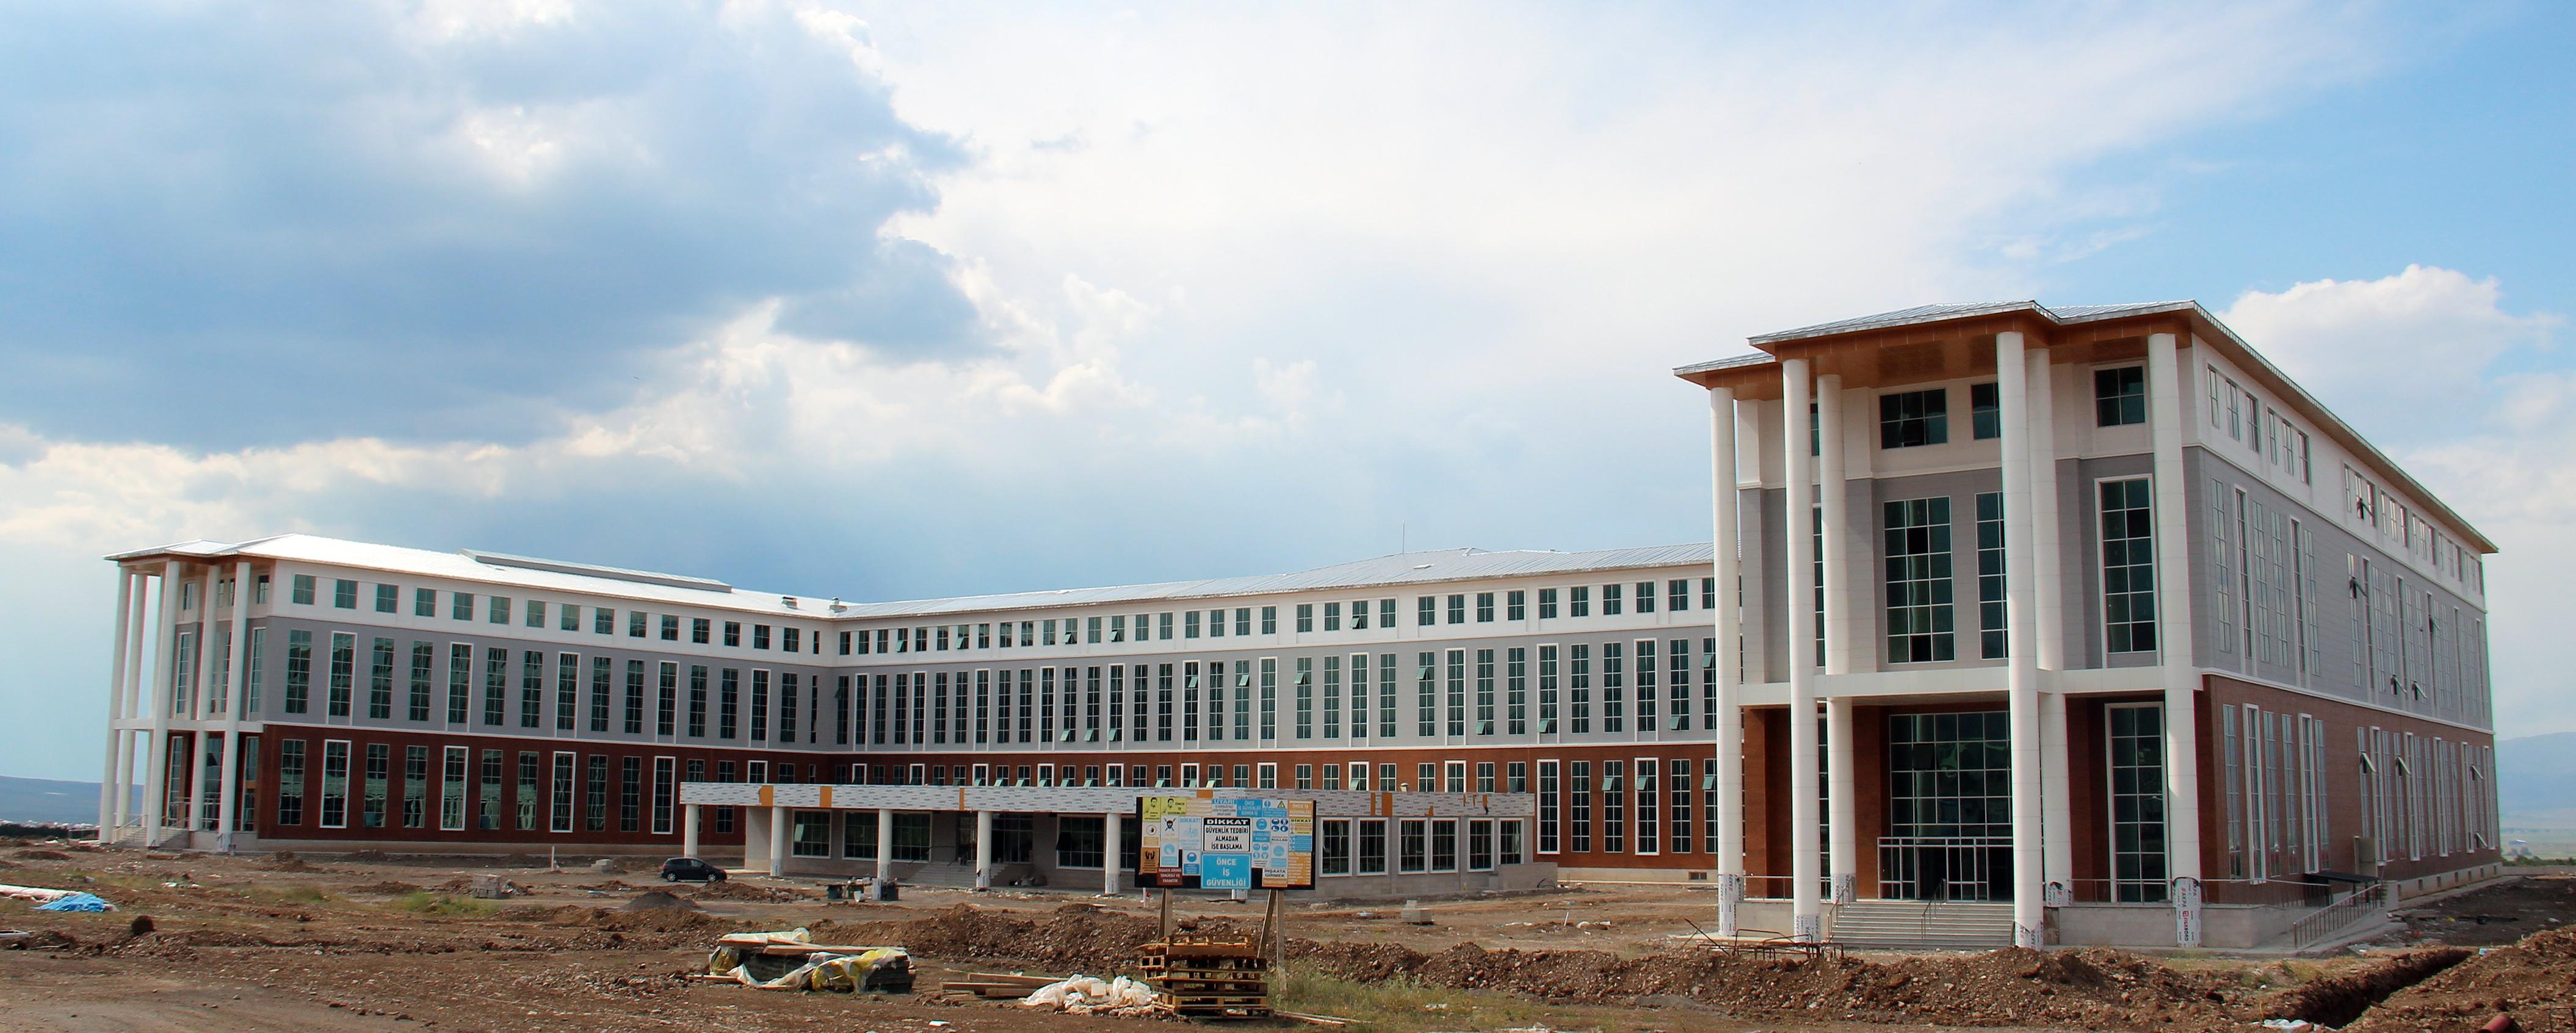 Doğu Anadolu'nun en büyük eğitim bina inşaatı bitmek üzere